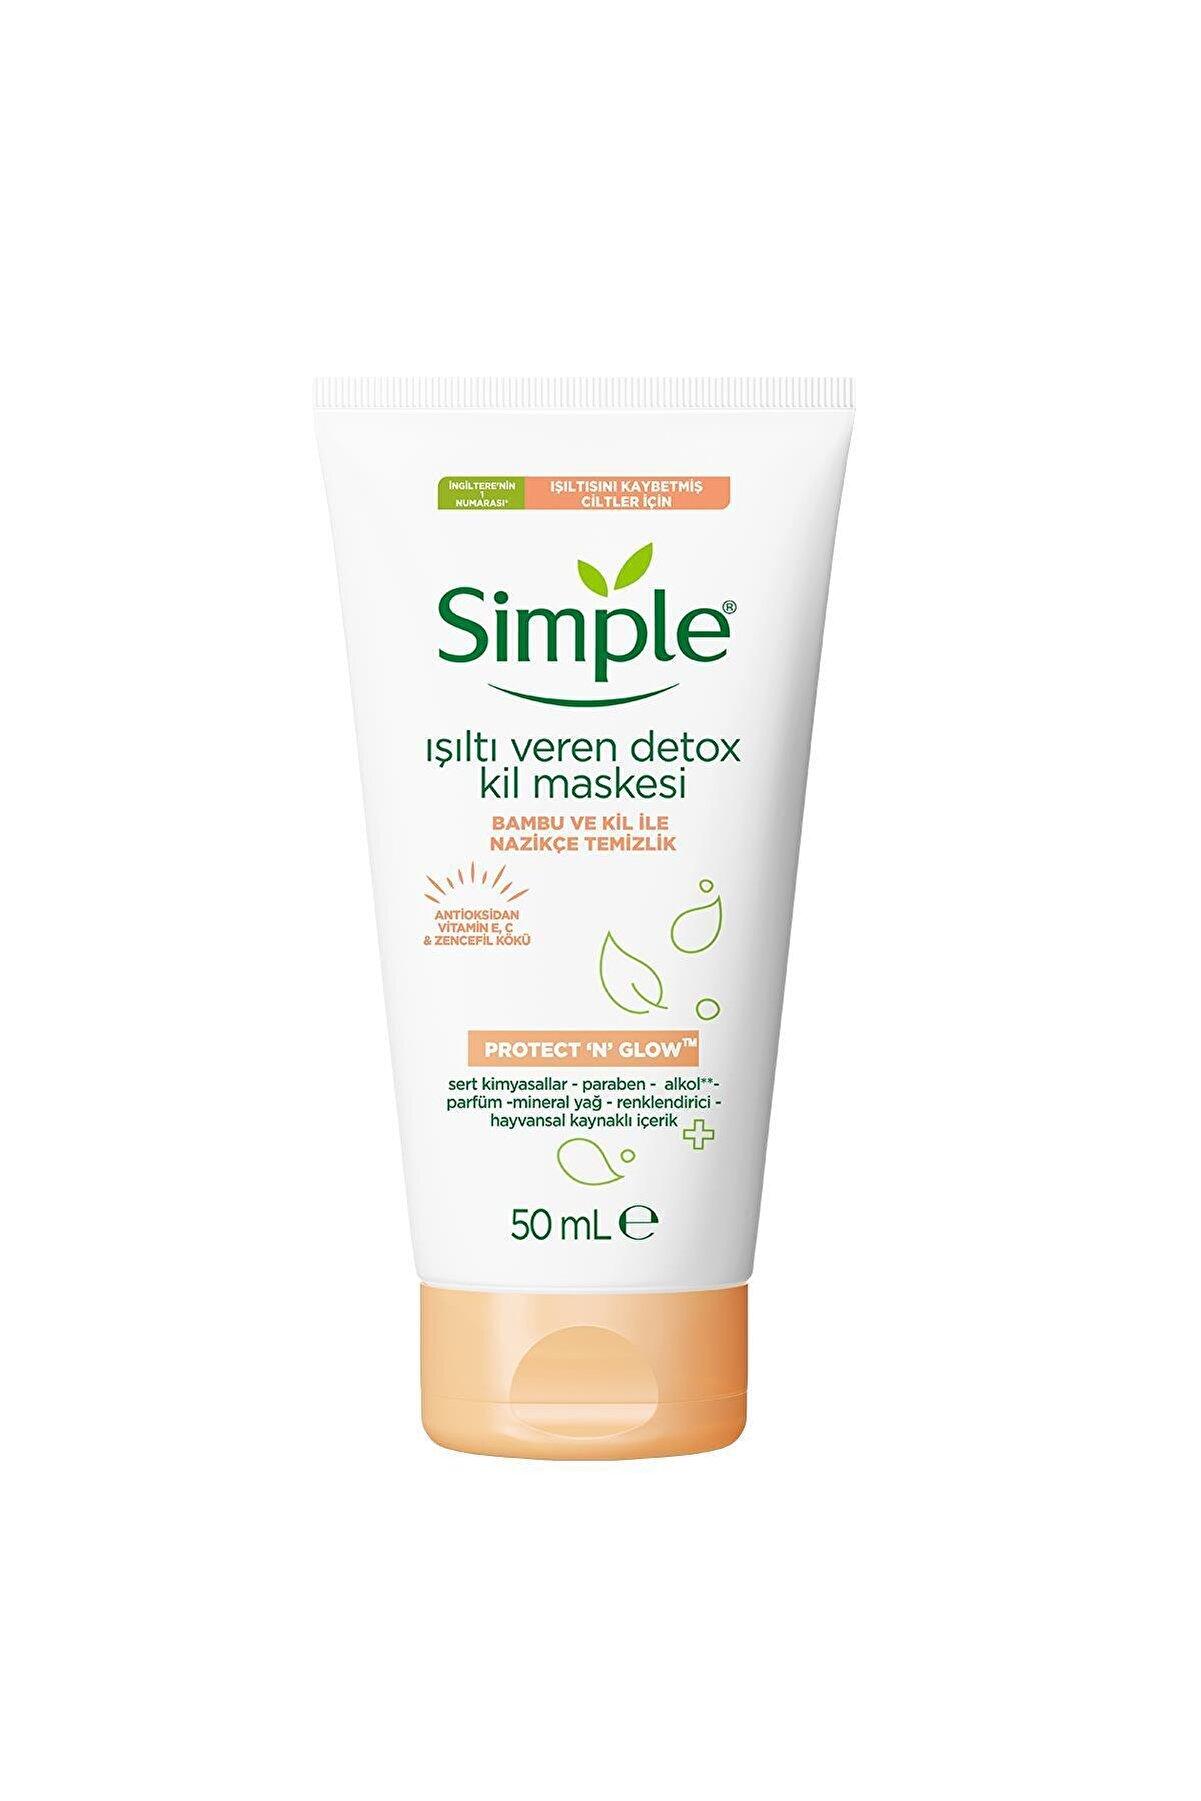 Simple Protect & Glow Kil Maskesi Detox Işıltı Veren 50 ml